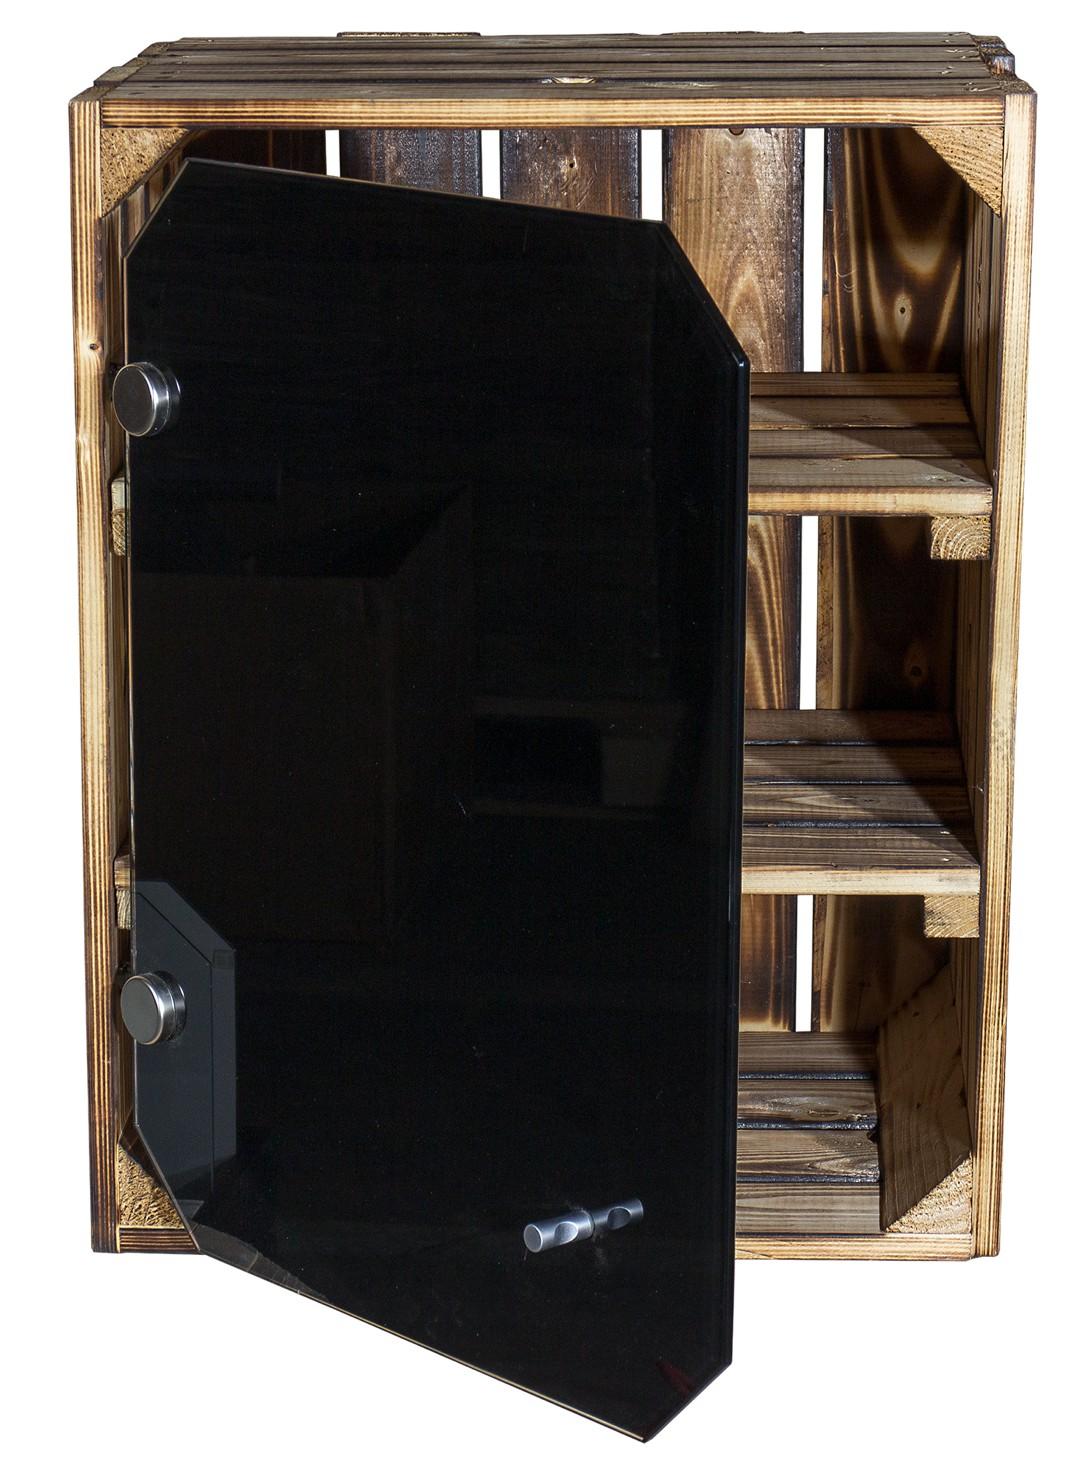 apfelkisten neue geflammte apfelkiste altes land mit glast r schwarz 50x40x30cm. Black Bedroom Furniture Sets. Home Design Ideas